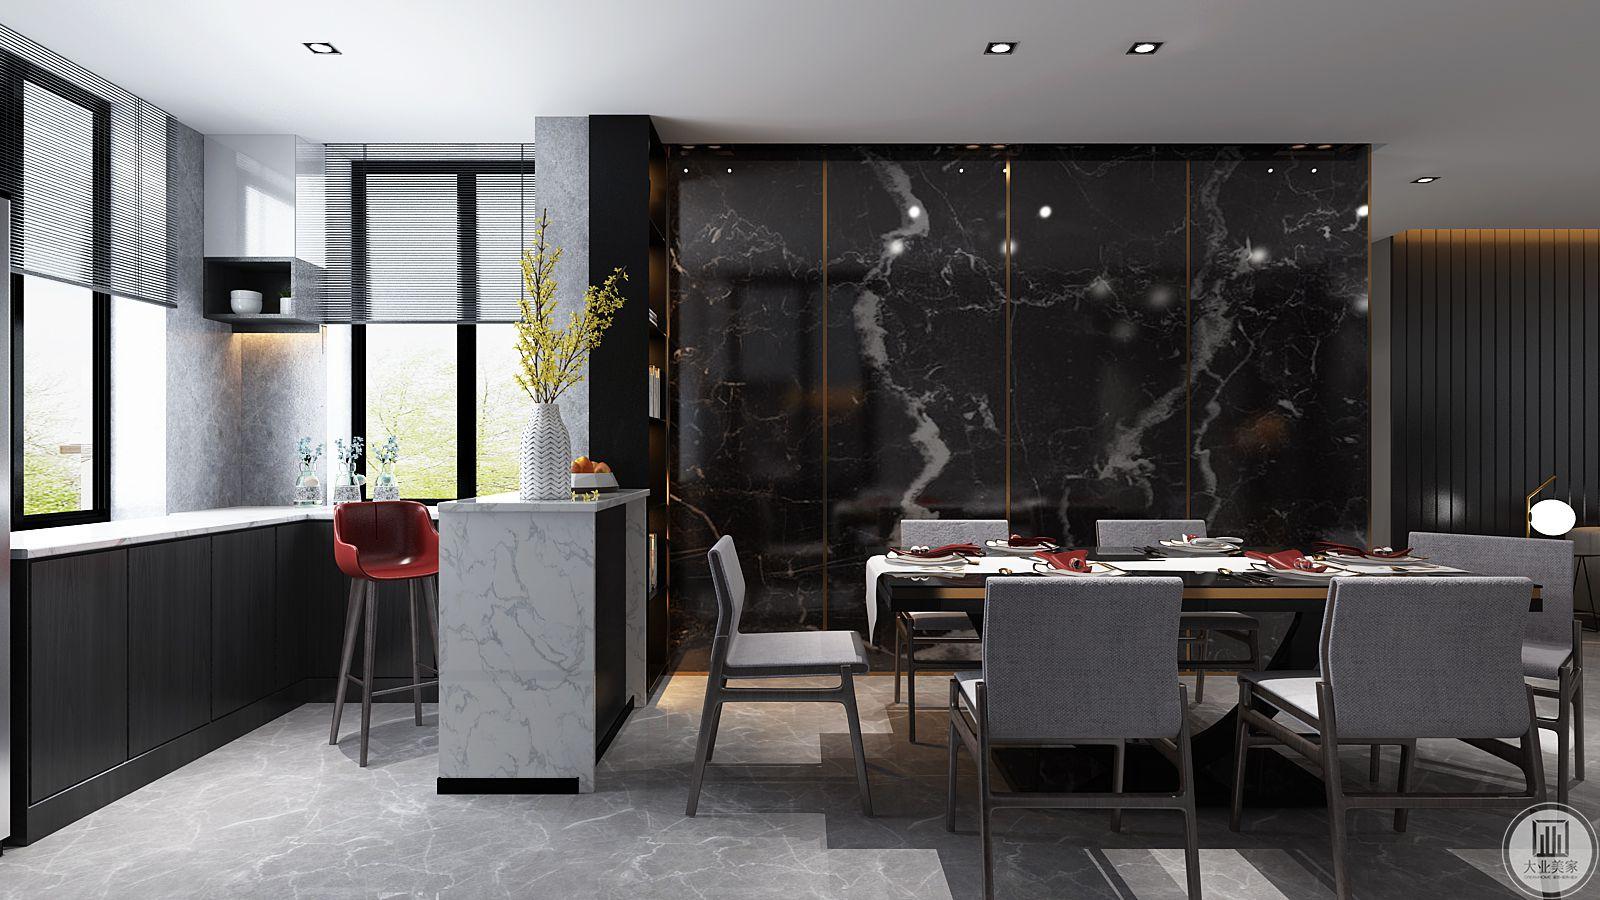 开敞式的客餐厅连接在一起形成极开阔的空间,作为主要的交流和互动区域,拥有独立的空间却又保持感官上的交流,这也是对未来的生活方式的一另种诠释。